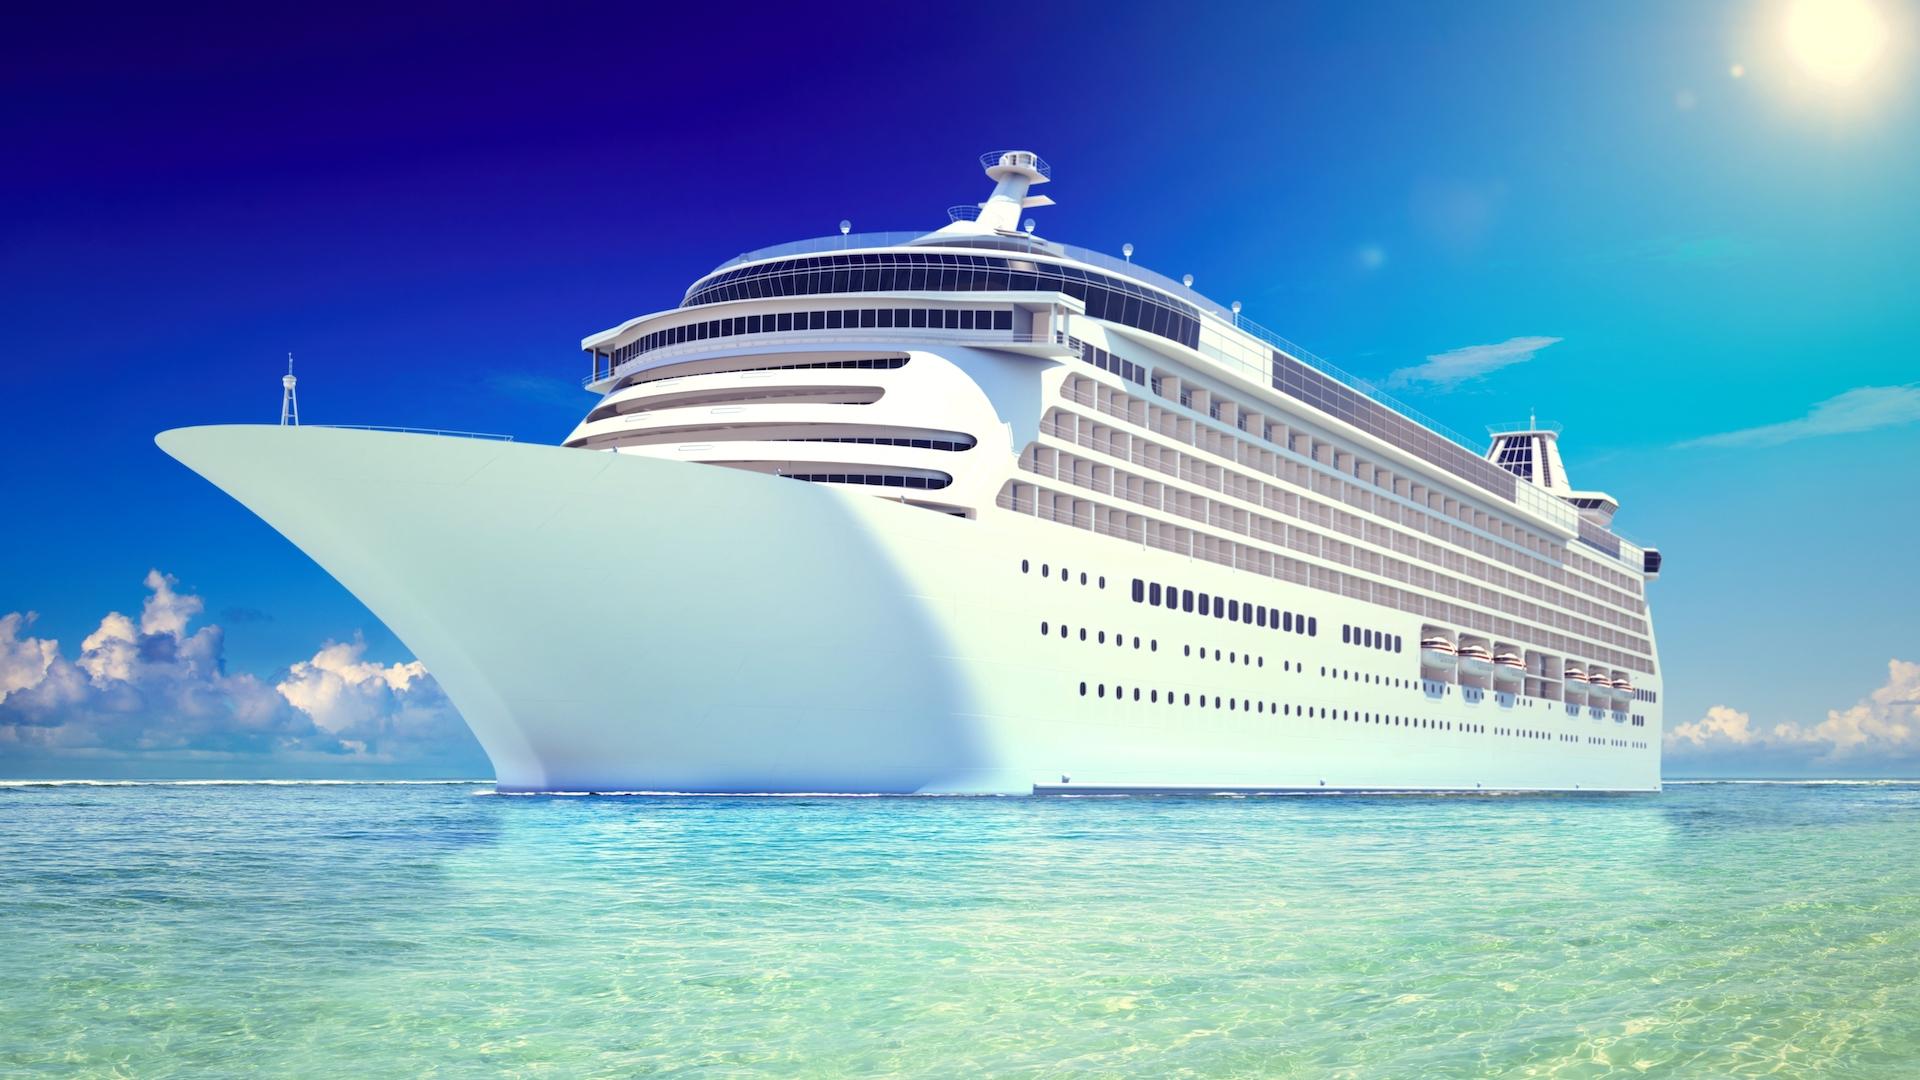 ¿Cuándo vuelven los cruceros a navegar? Julio parece ser el mes